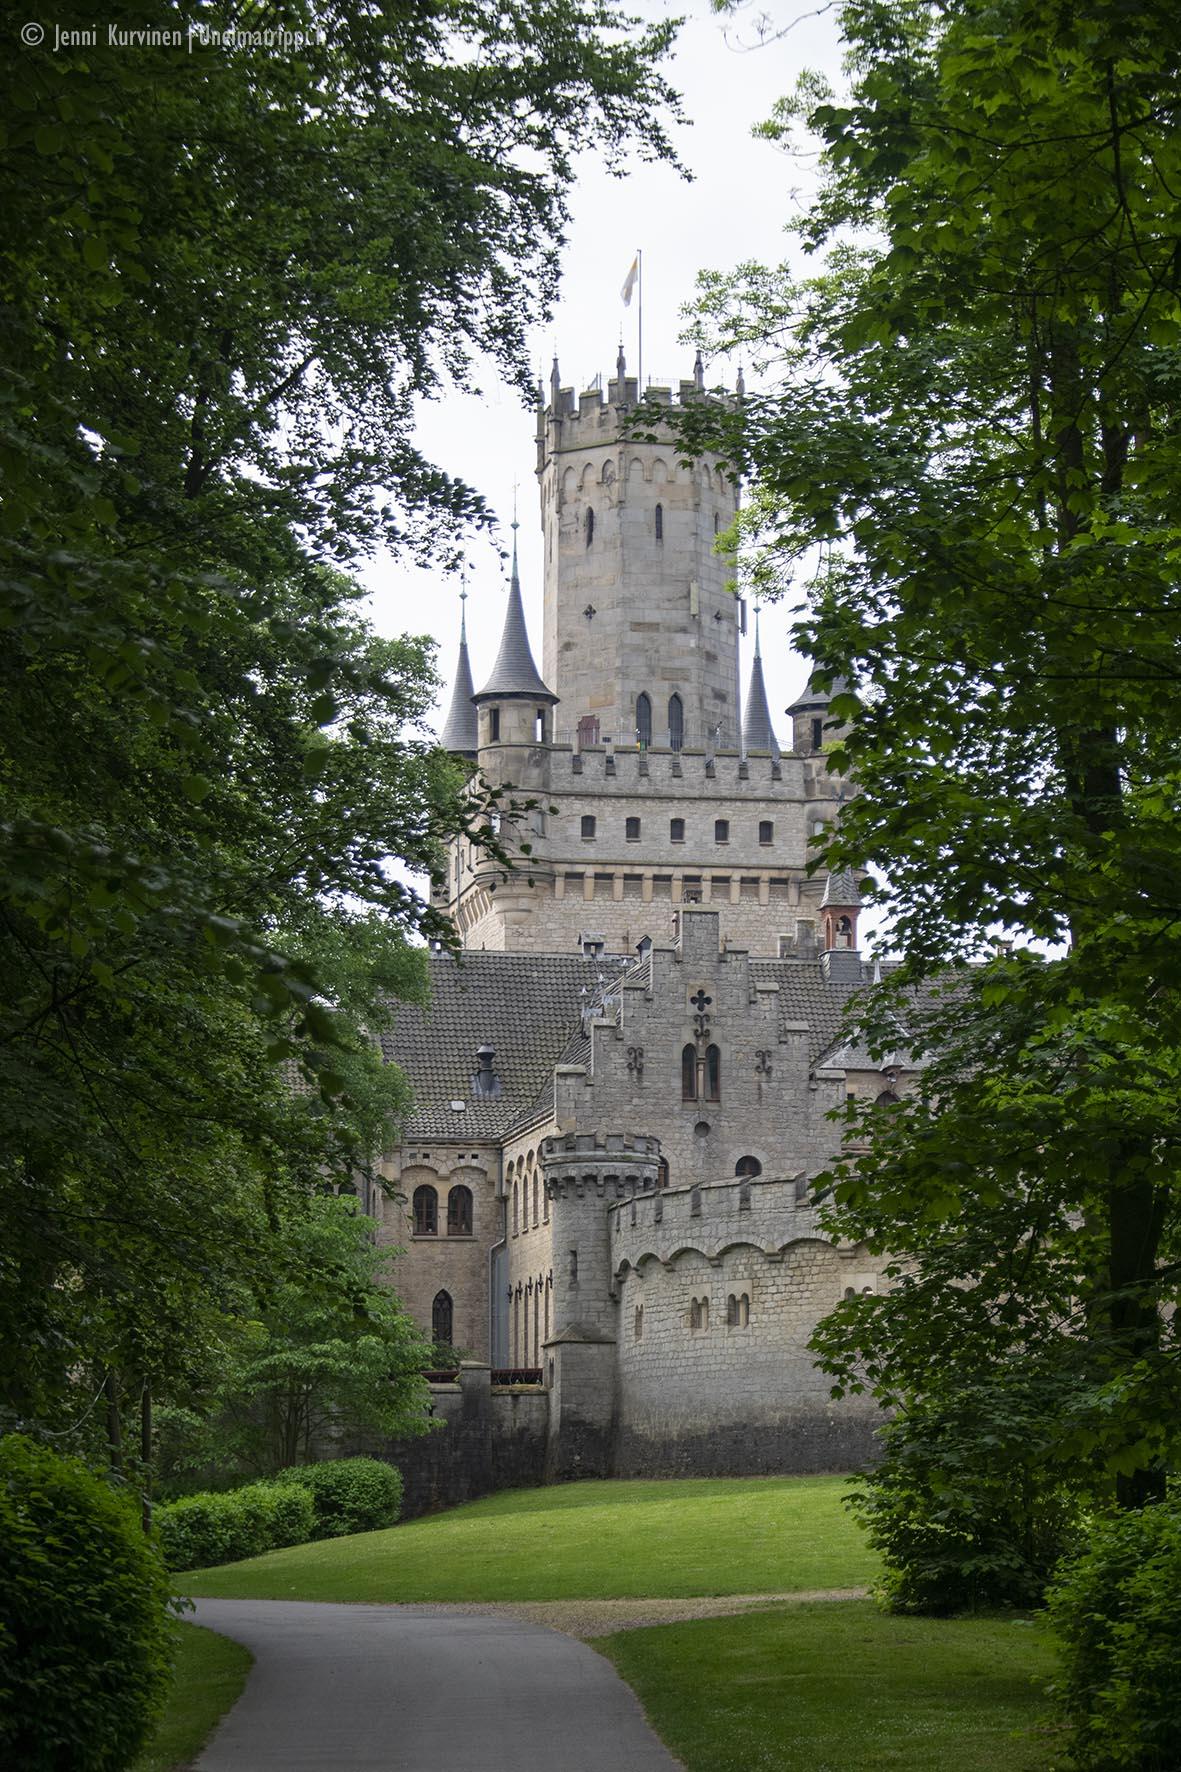 20180805-Unelmatrippi-Schloss-Marienburg-DSC0496